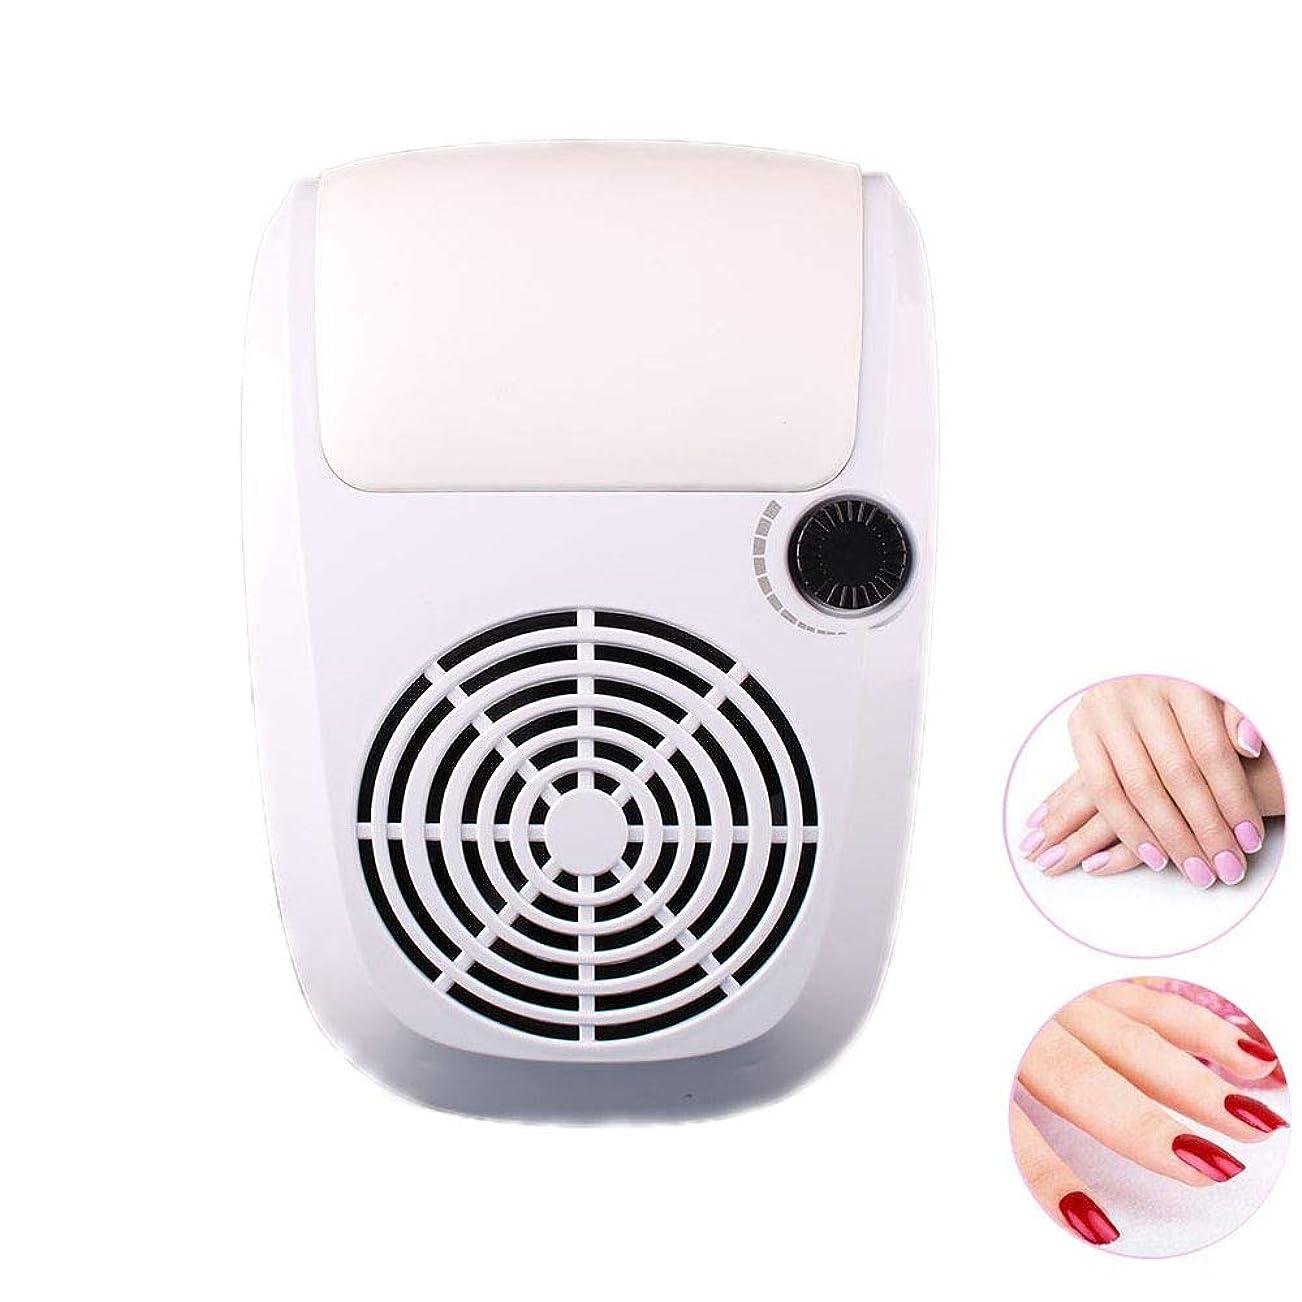 まで要塞苦しみ調節可能な掃除機、2つの塵袋が付いている調節可能で強力で釘の掃除機のマニキュア用具、実用的で釘の大広間のクリーニング装置,白